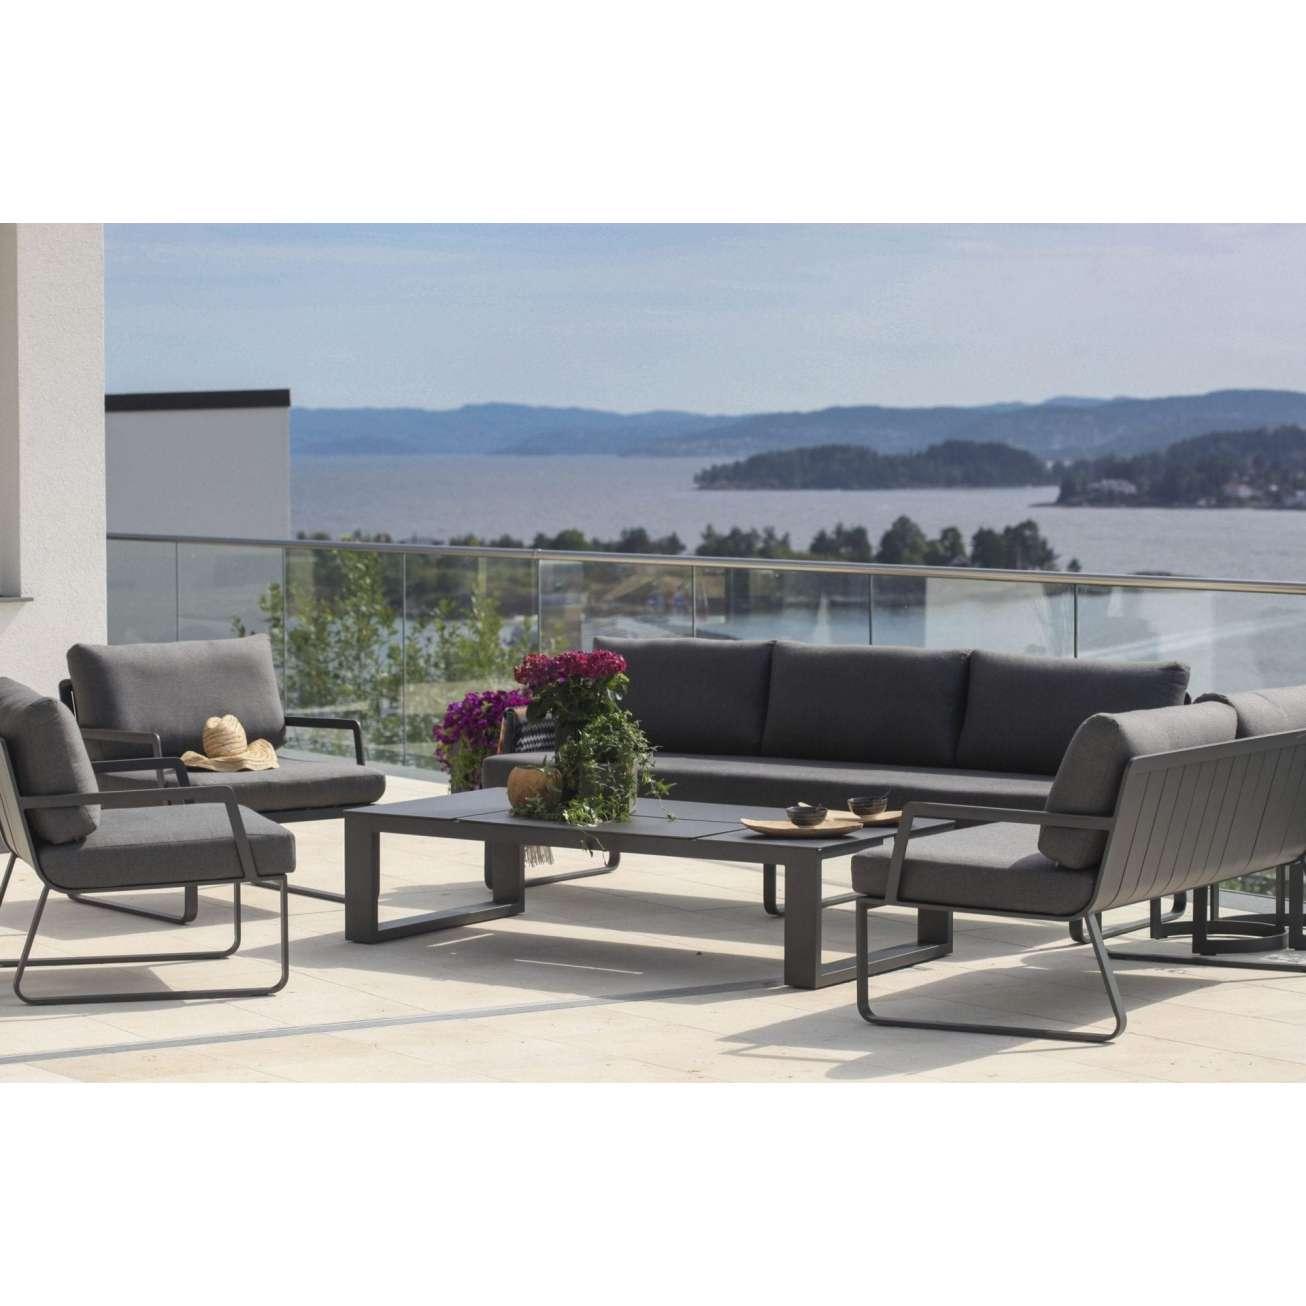 Sofagruppe - 3-seter og tre hagestoler i sort aluminium med grå puter sammen med et hagebord på veranda